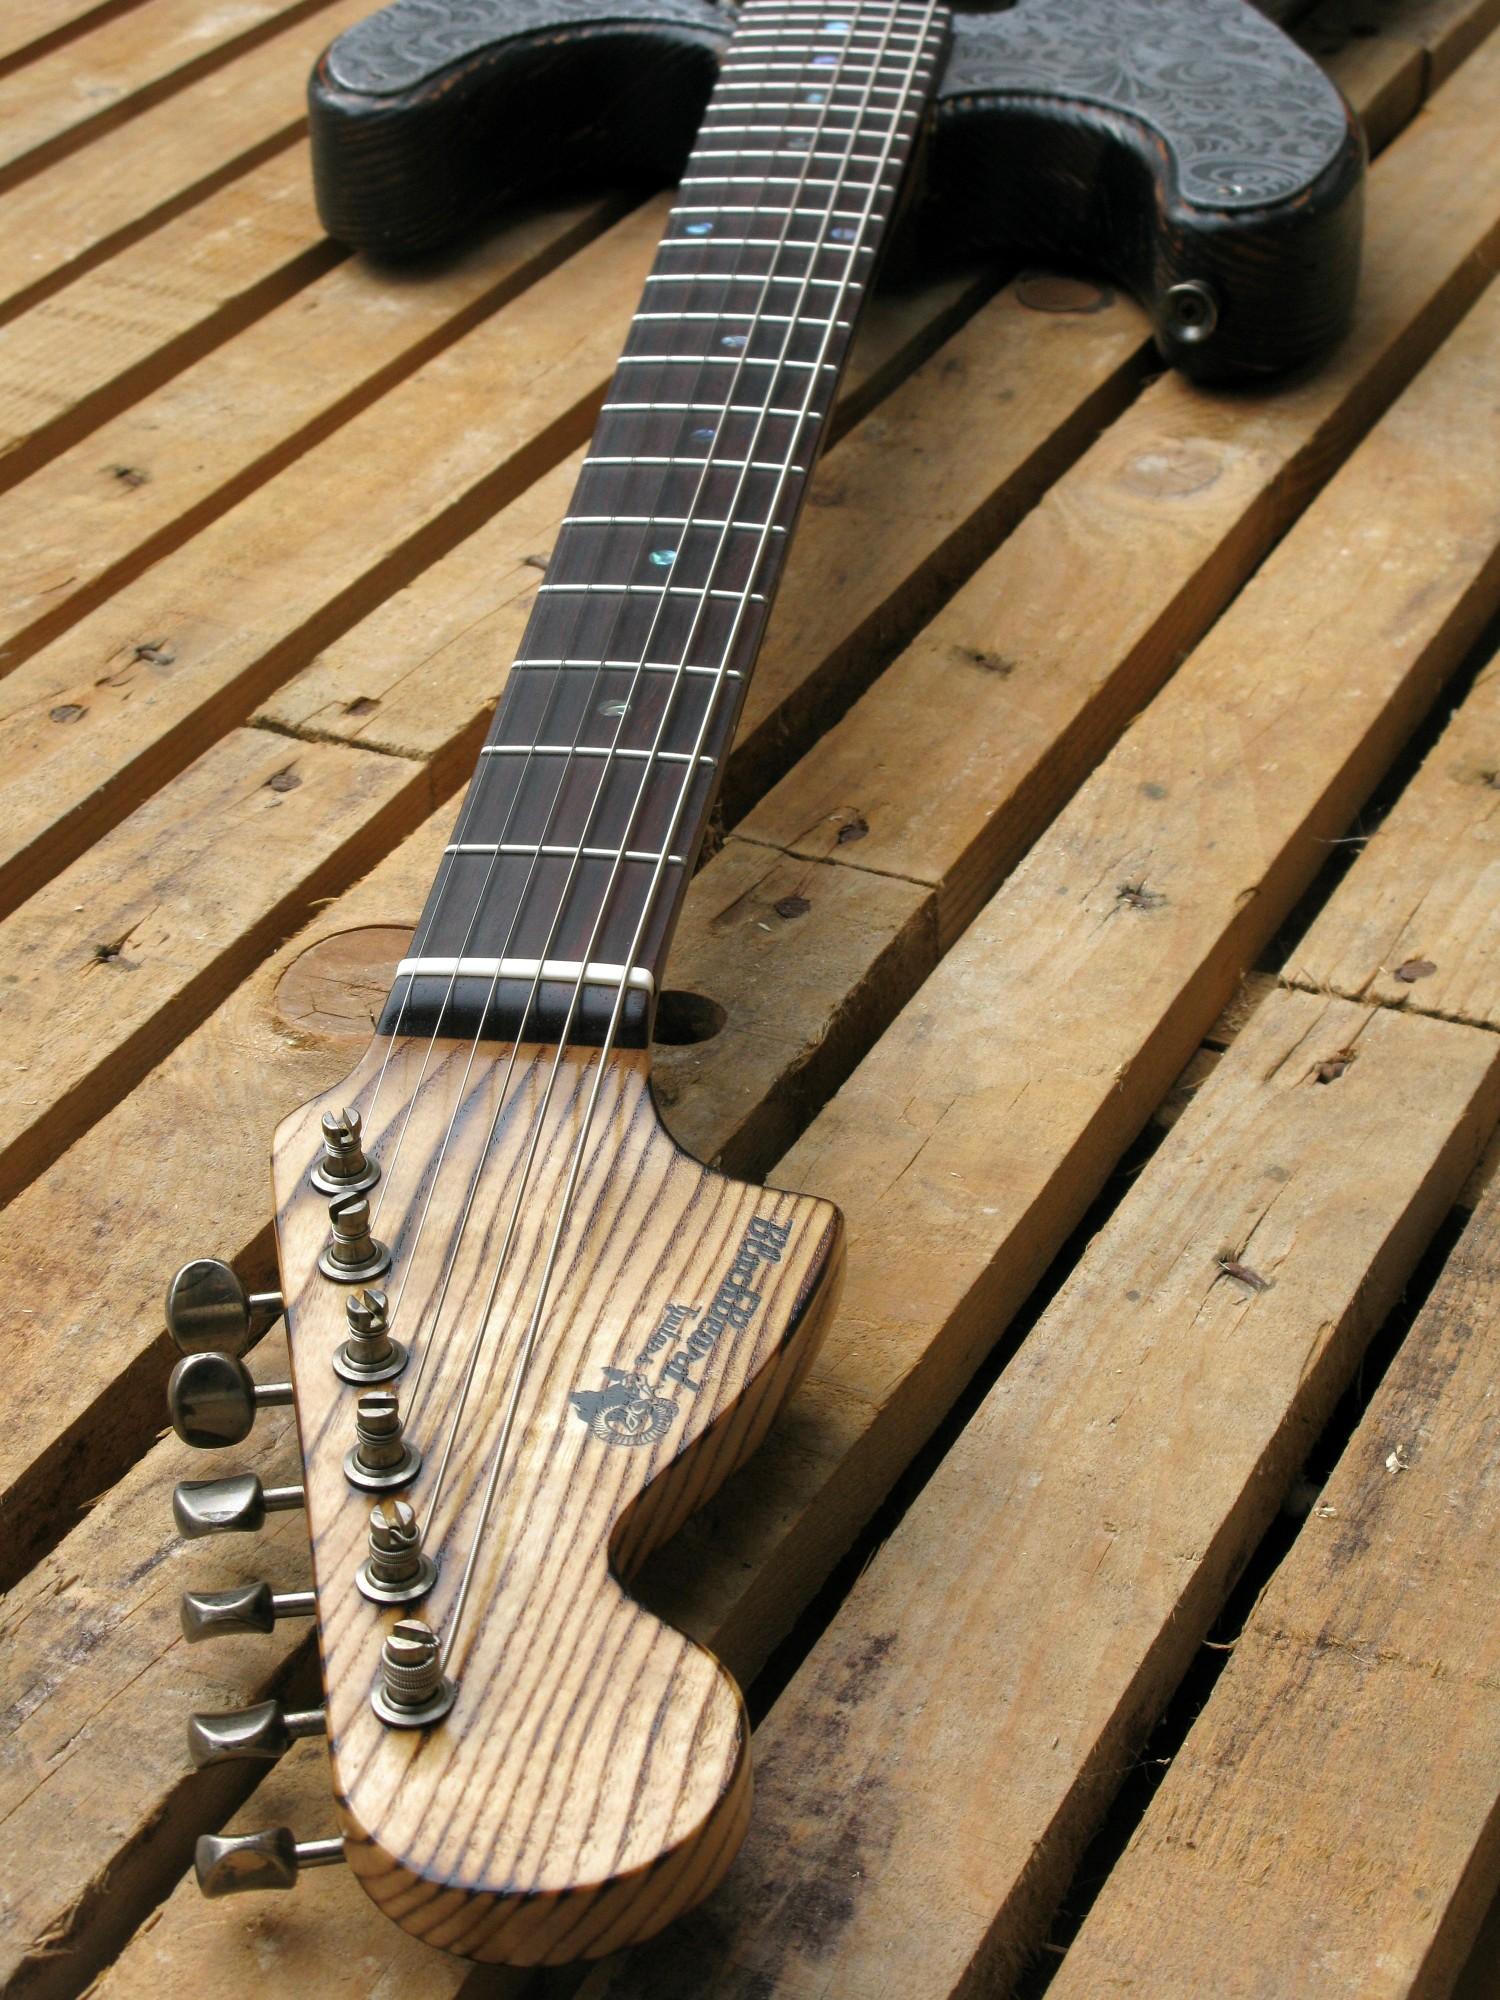 Chitarra modello Stratocaster, body in pino, manico in frassino, reverse: fretboard